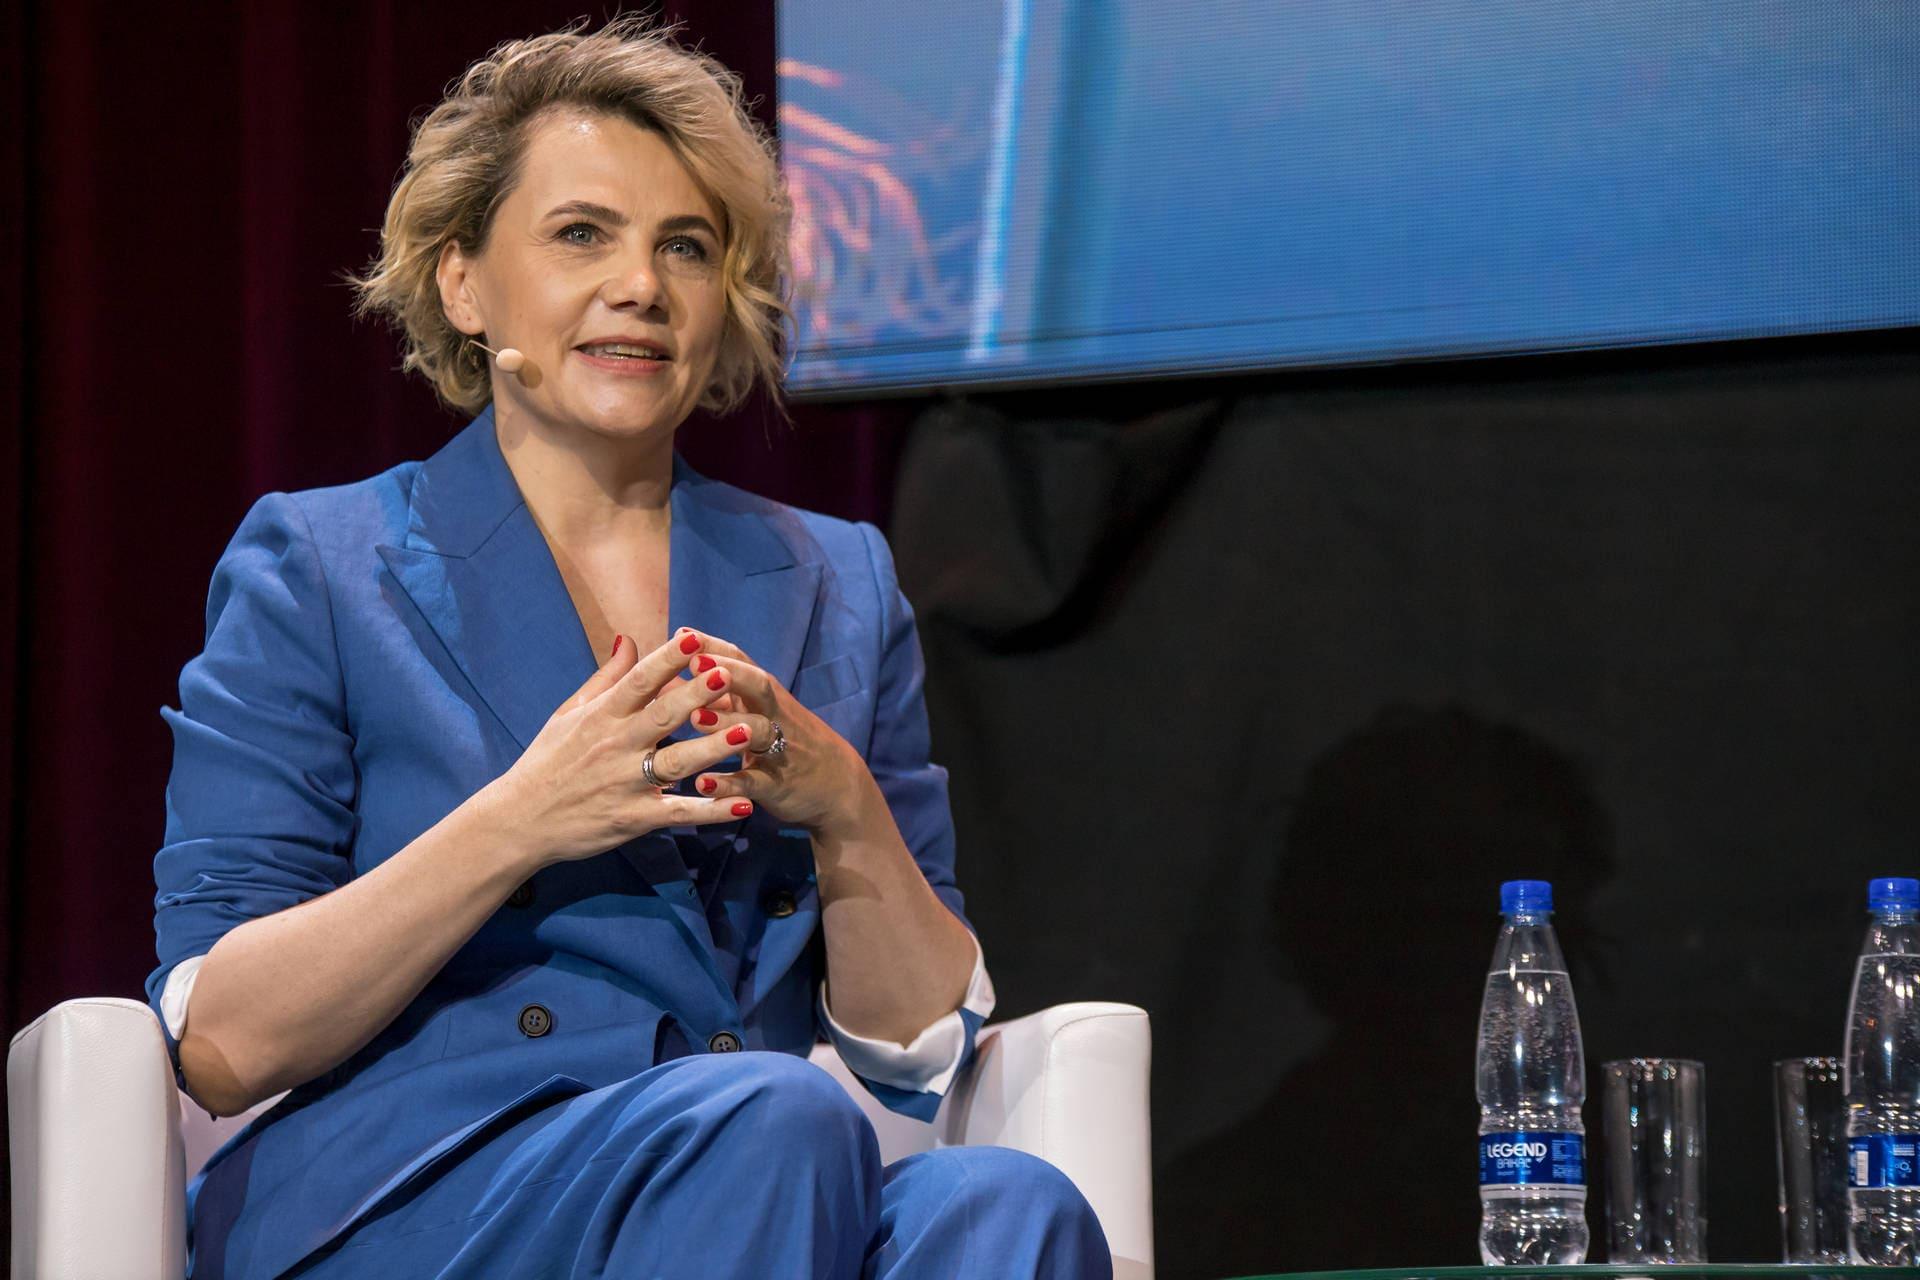 Спикеры SWF представили вызовы, которые стоят перед женщинами в 2021 году